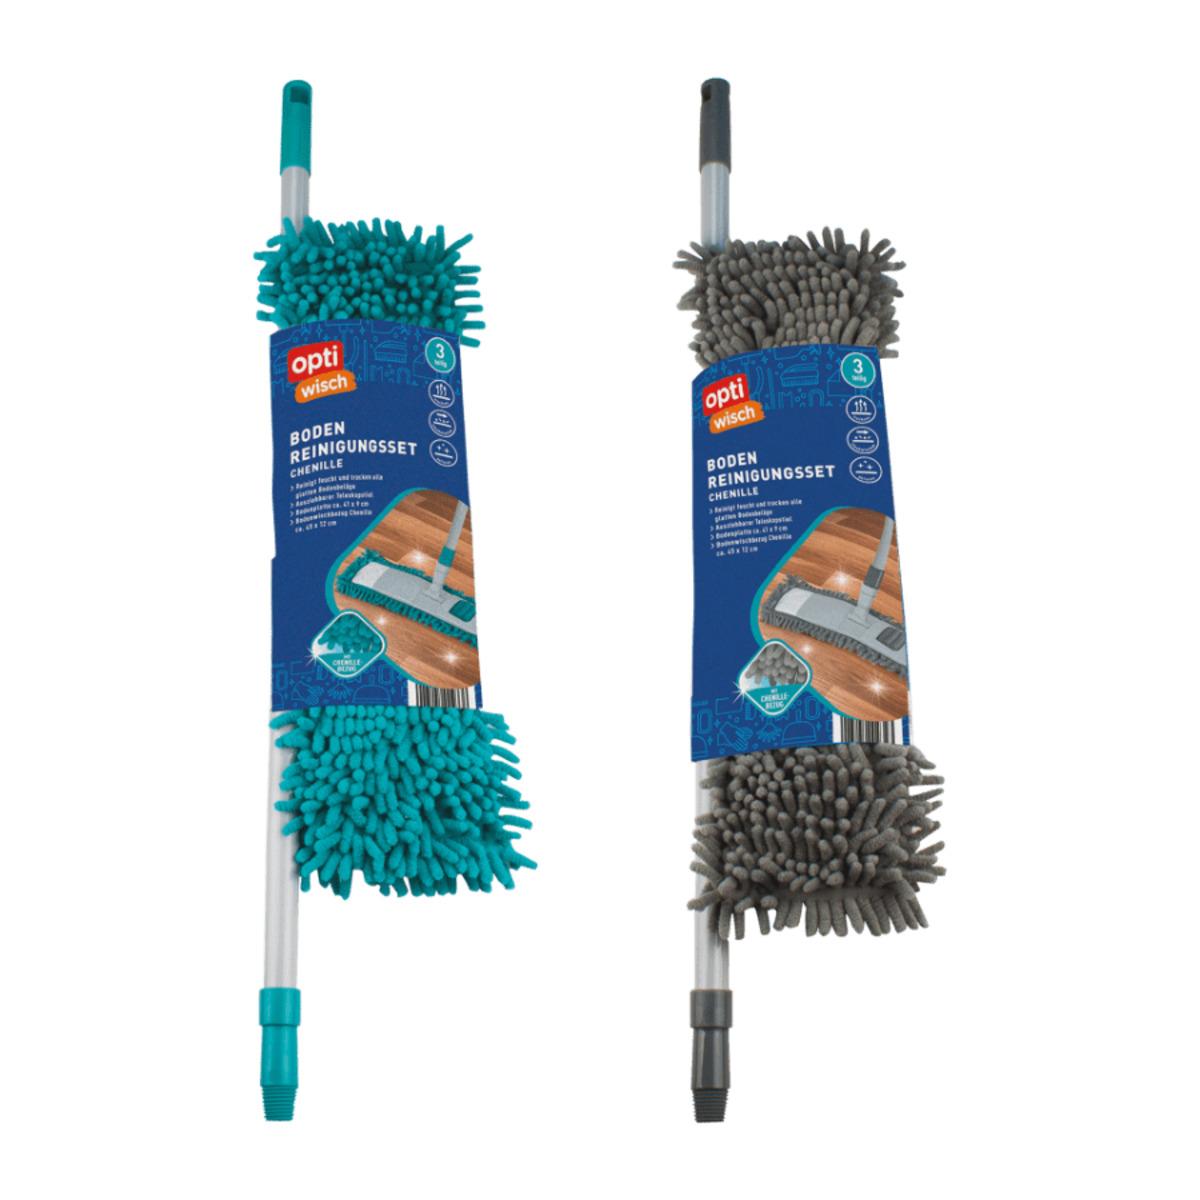 Bild 1 von OPTIWISCH     Boden Reinigungsset